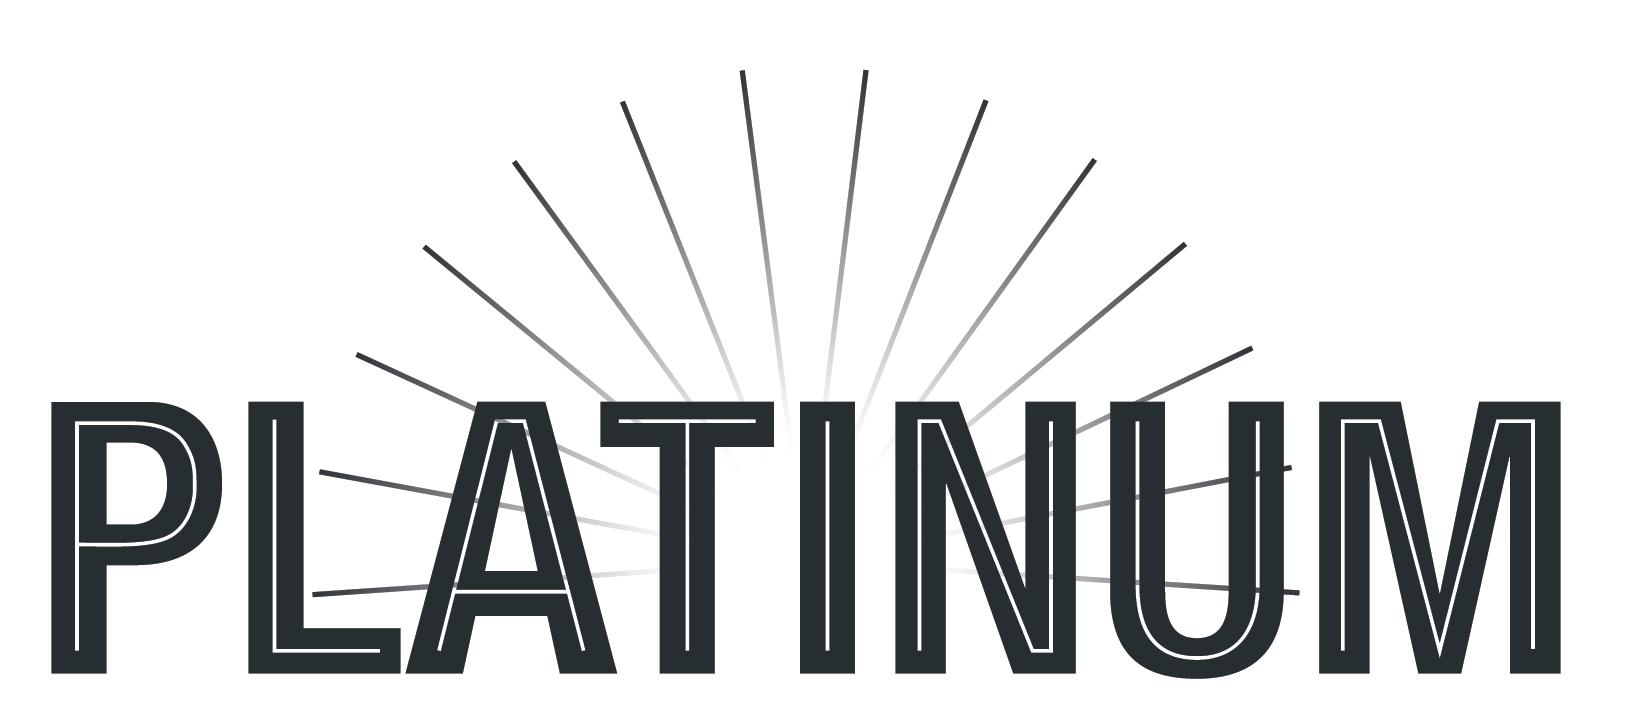 LOGO_PLATINUM.pdf - Adobe Reader